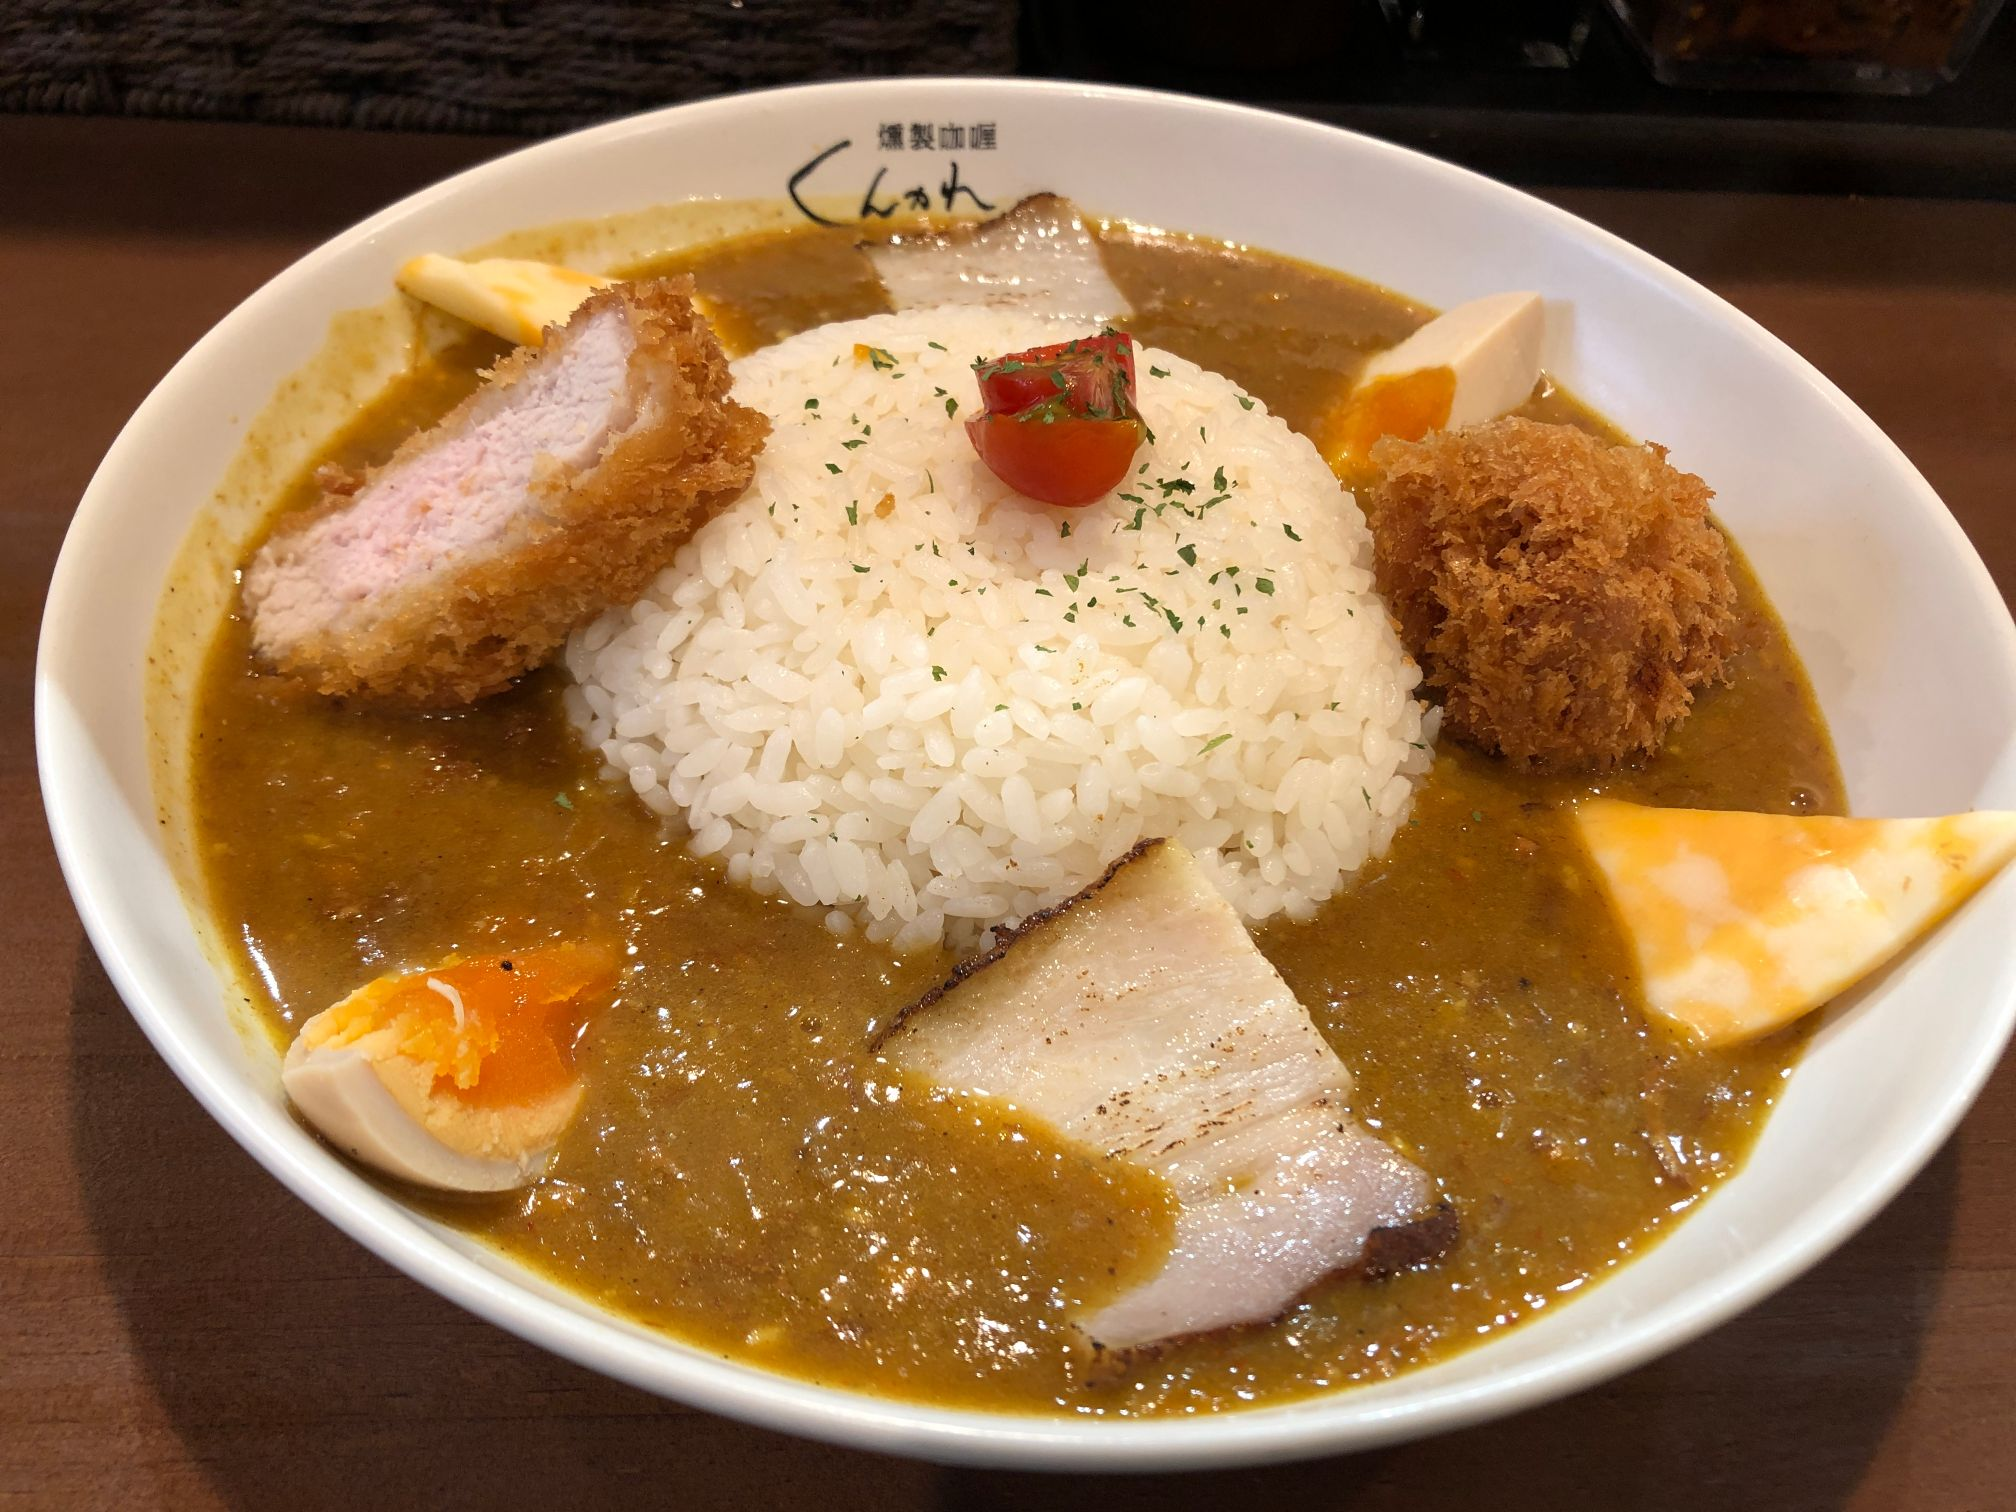 赤坂見附の「燻製咖喱 くんかれ」で、特製燻製カレーをただただ飲んできた話